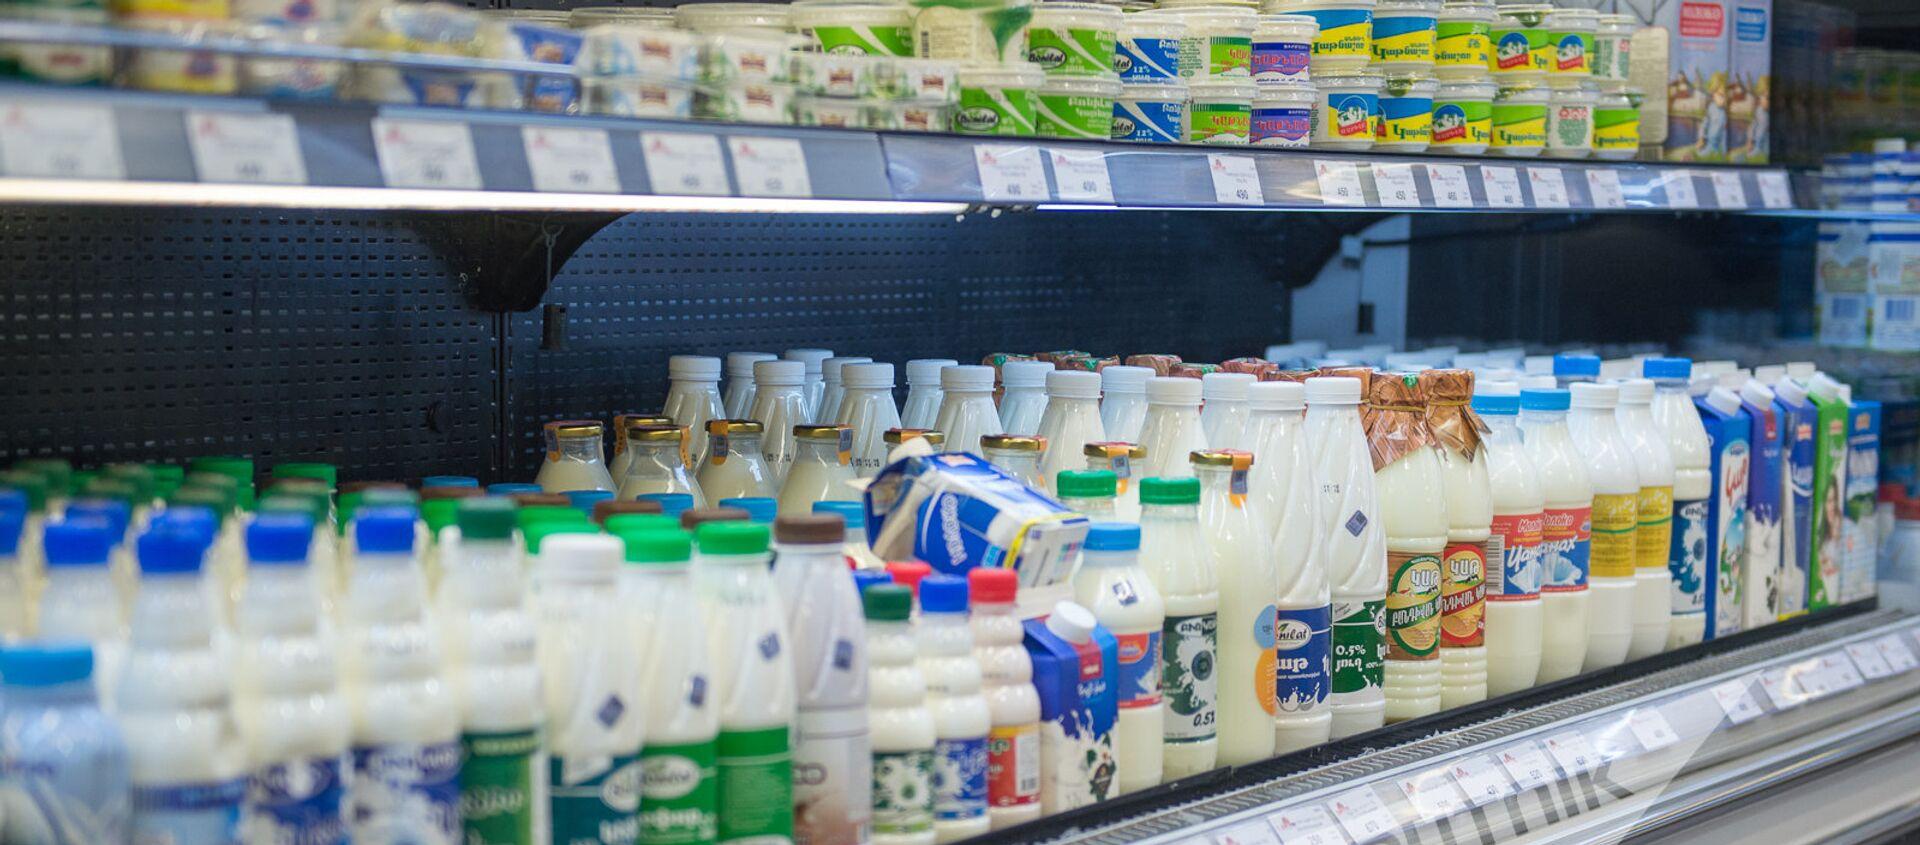 Молочные продукты в магазине  - Sputnik Արմենիա, 1920, 12.04.2021